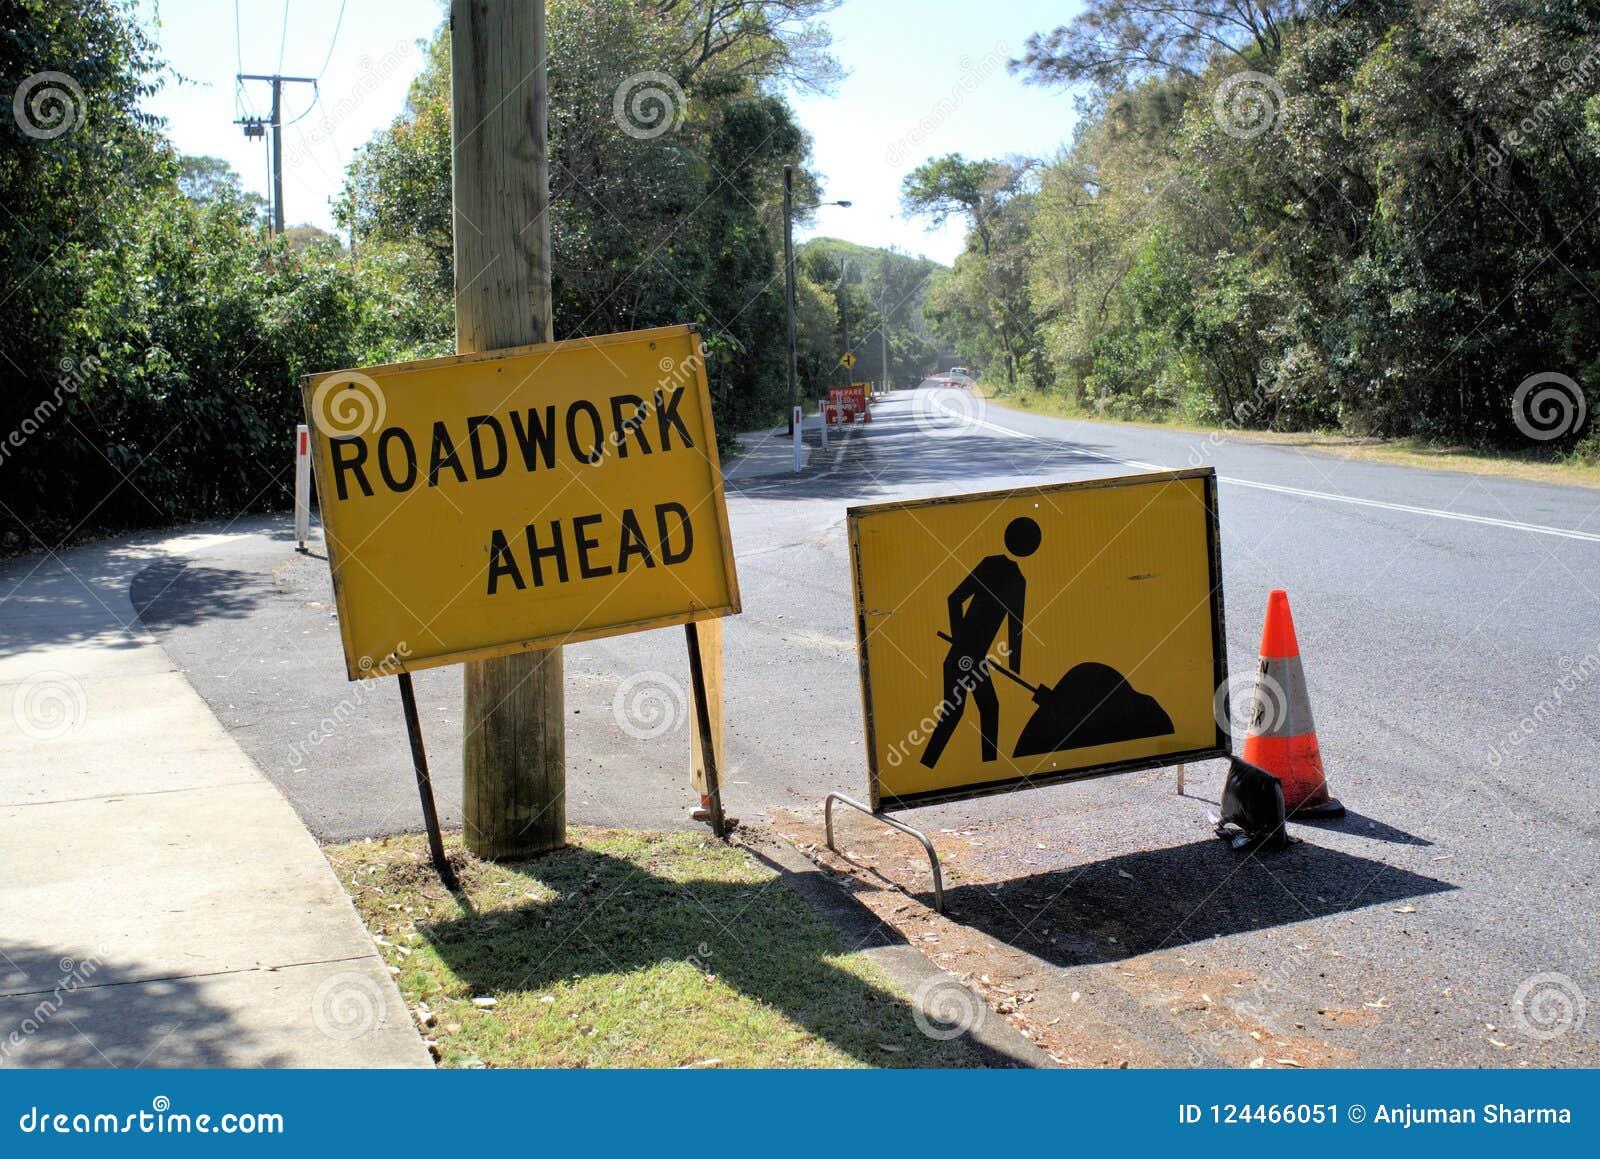 Доска знака дорожной работы вперед в Австралии